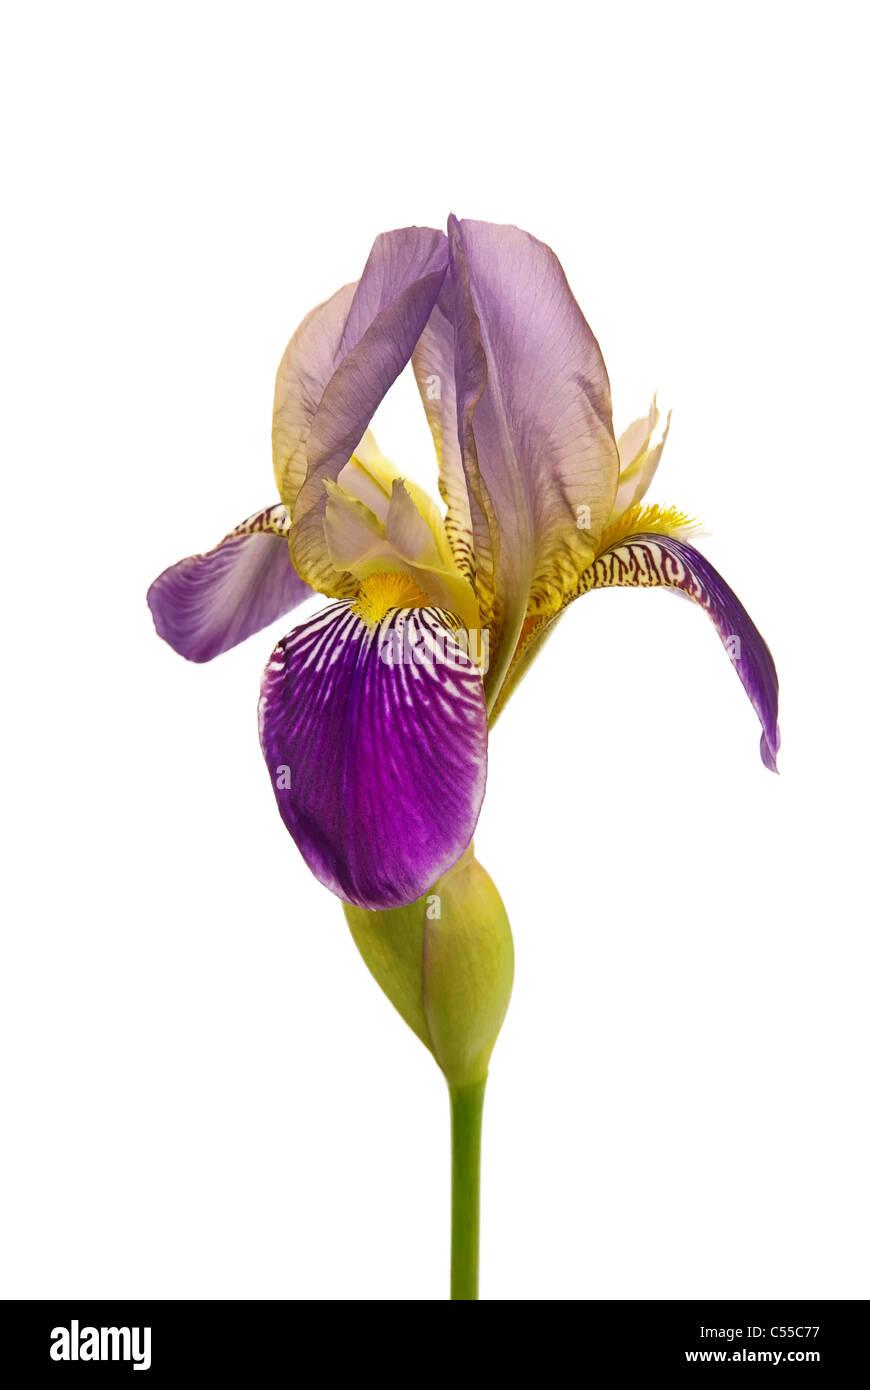 Schwertlilie freigestellt - iris isolated 02 - Stock Image